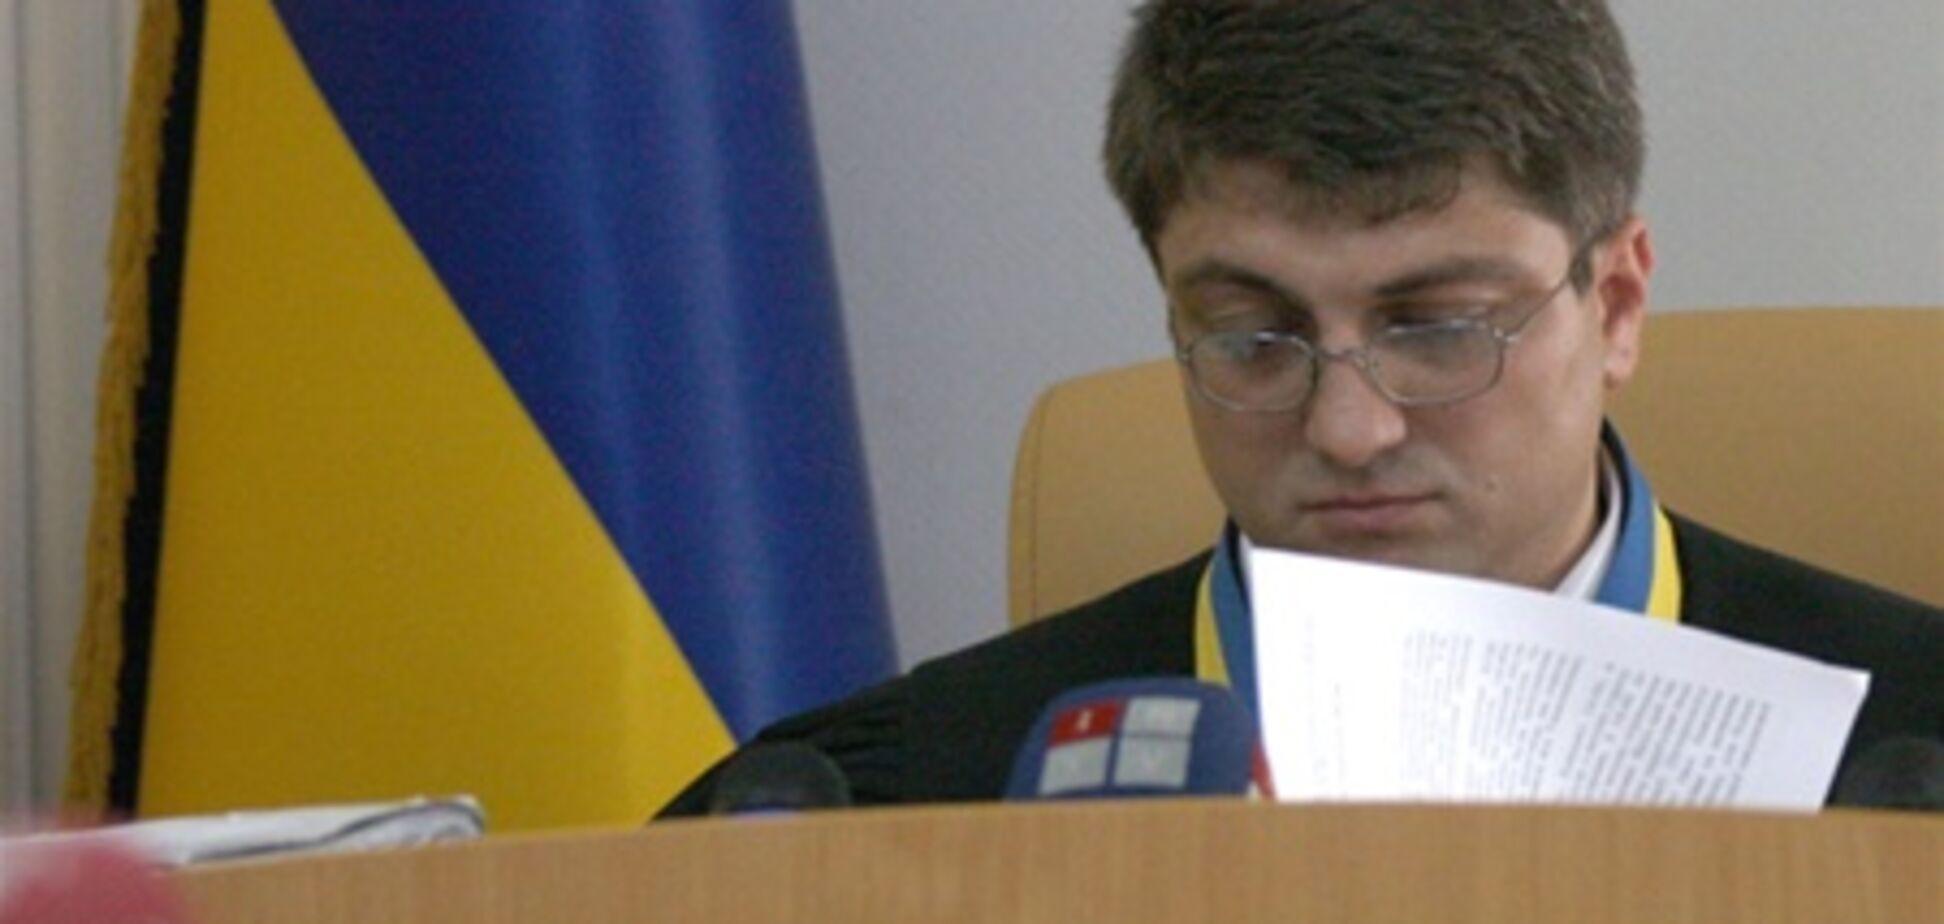 Киреев выгнал из зала суда еще одного нардепа Тимошенко